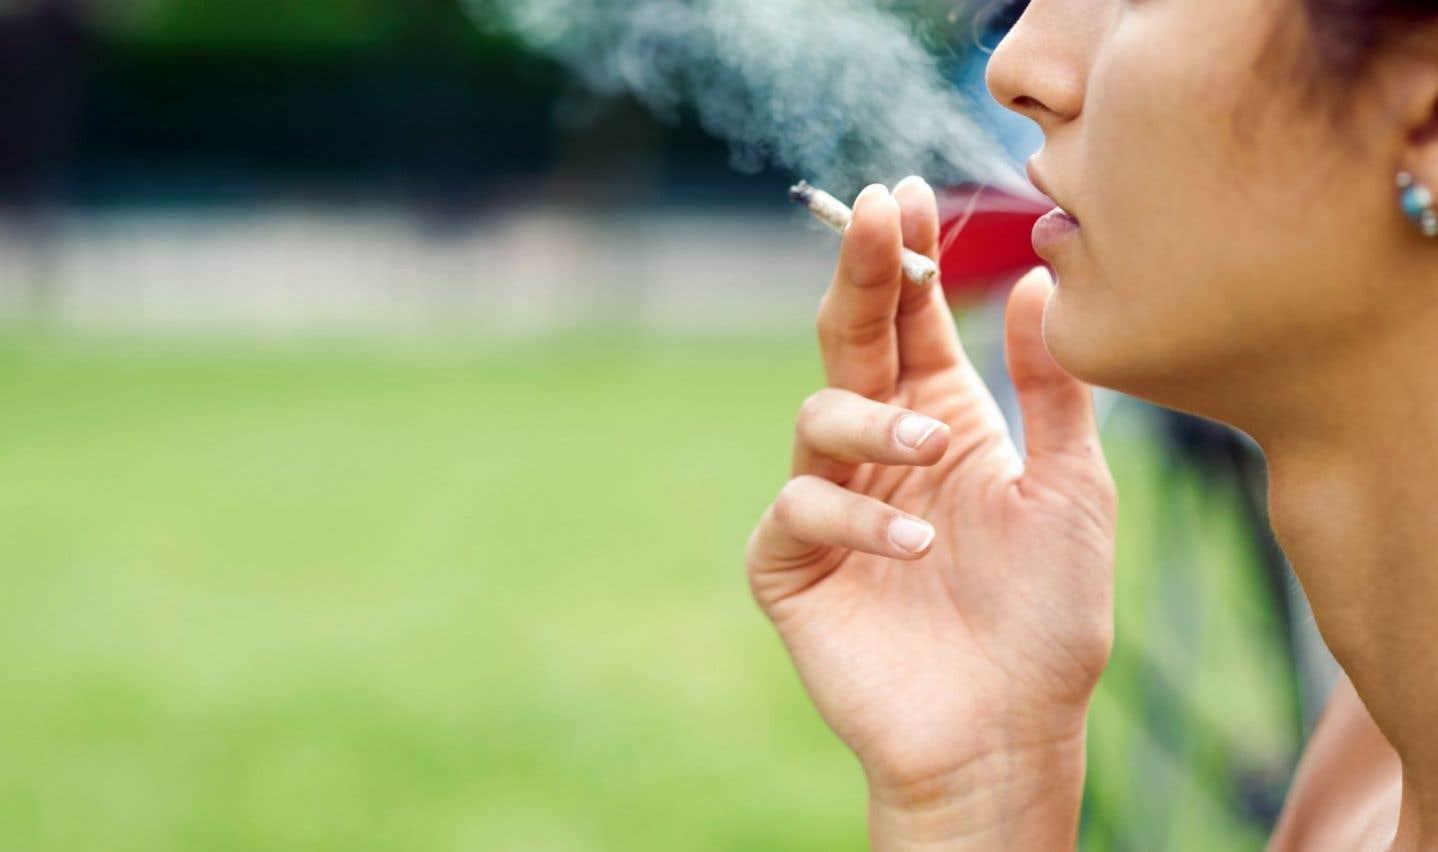 Les Québécois réticents face à la légalisation du cannabis